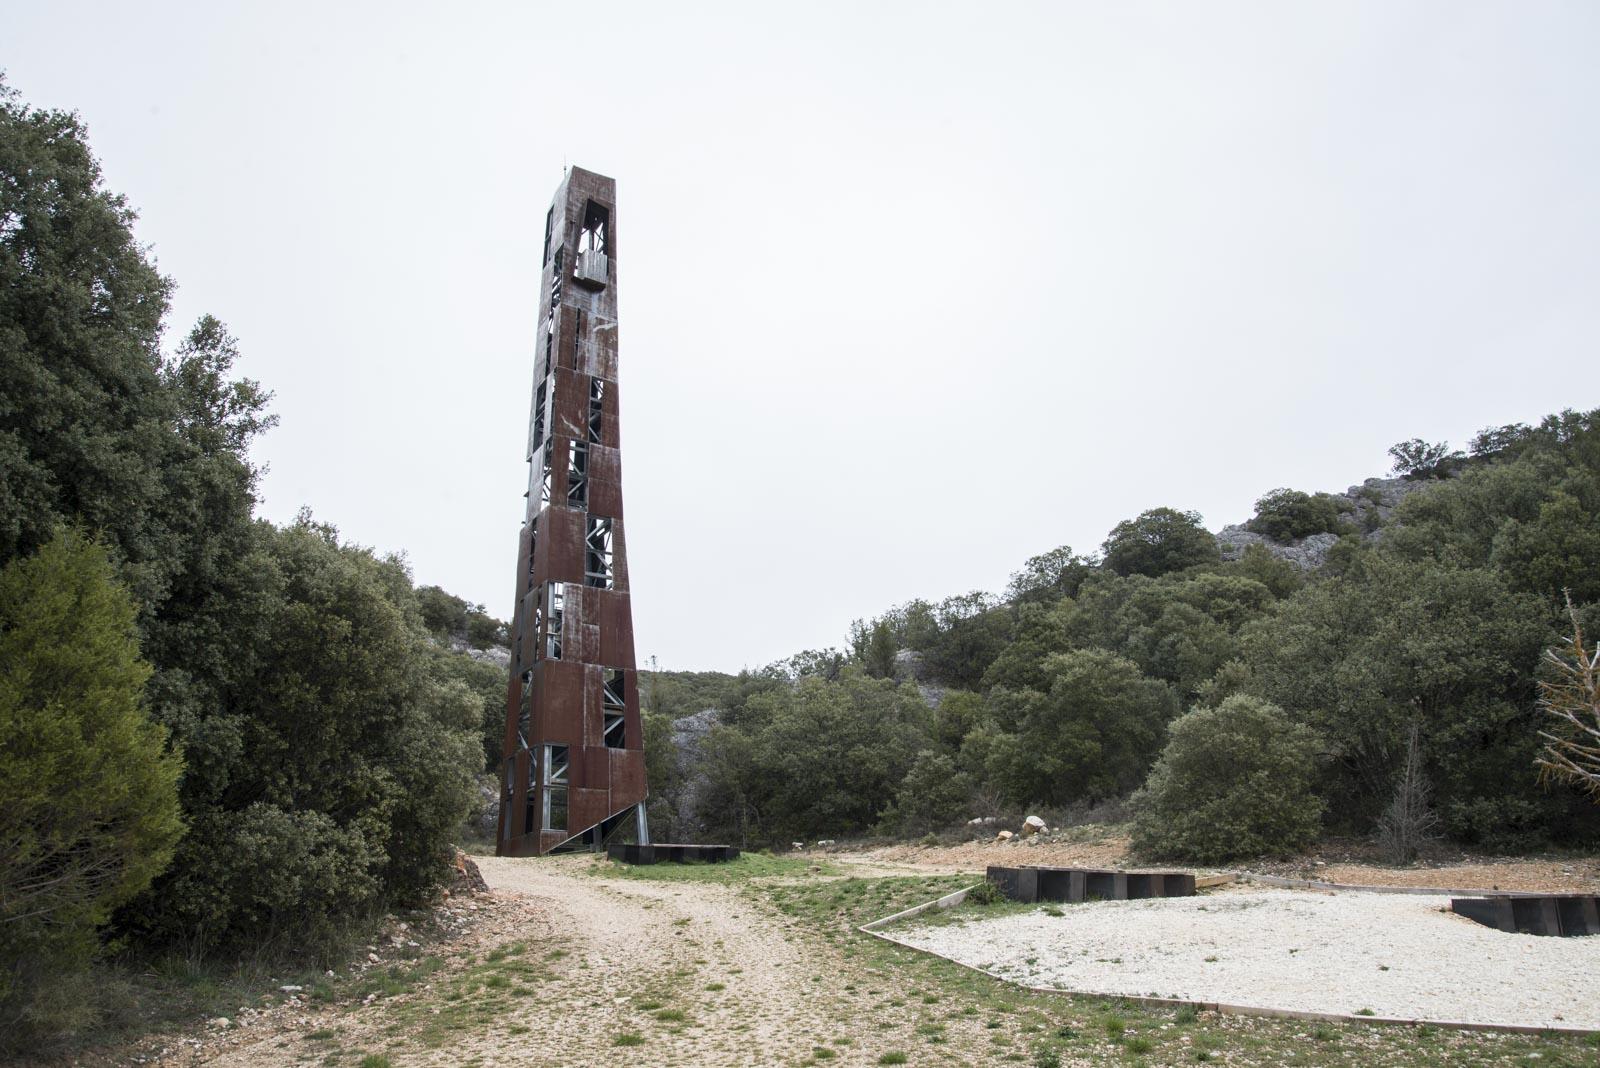 Klokketårnet er 29,7 meter høyt. En referanse til 29. Juli. Olsok - Olav den helliges dødsdag